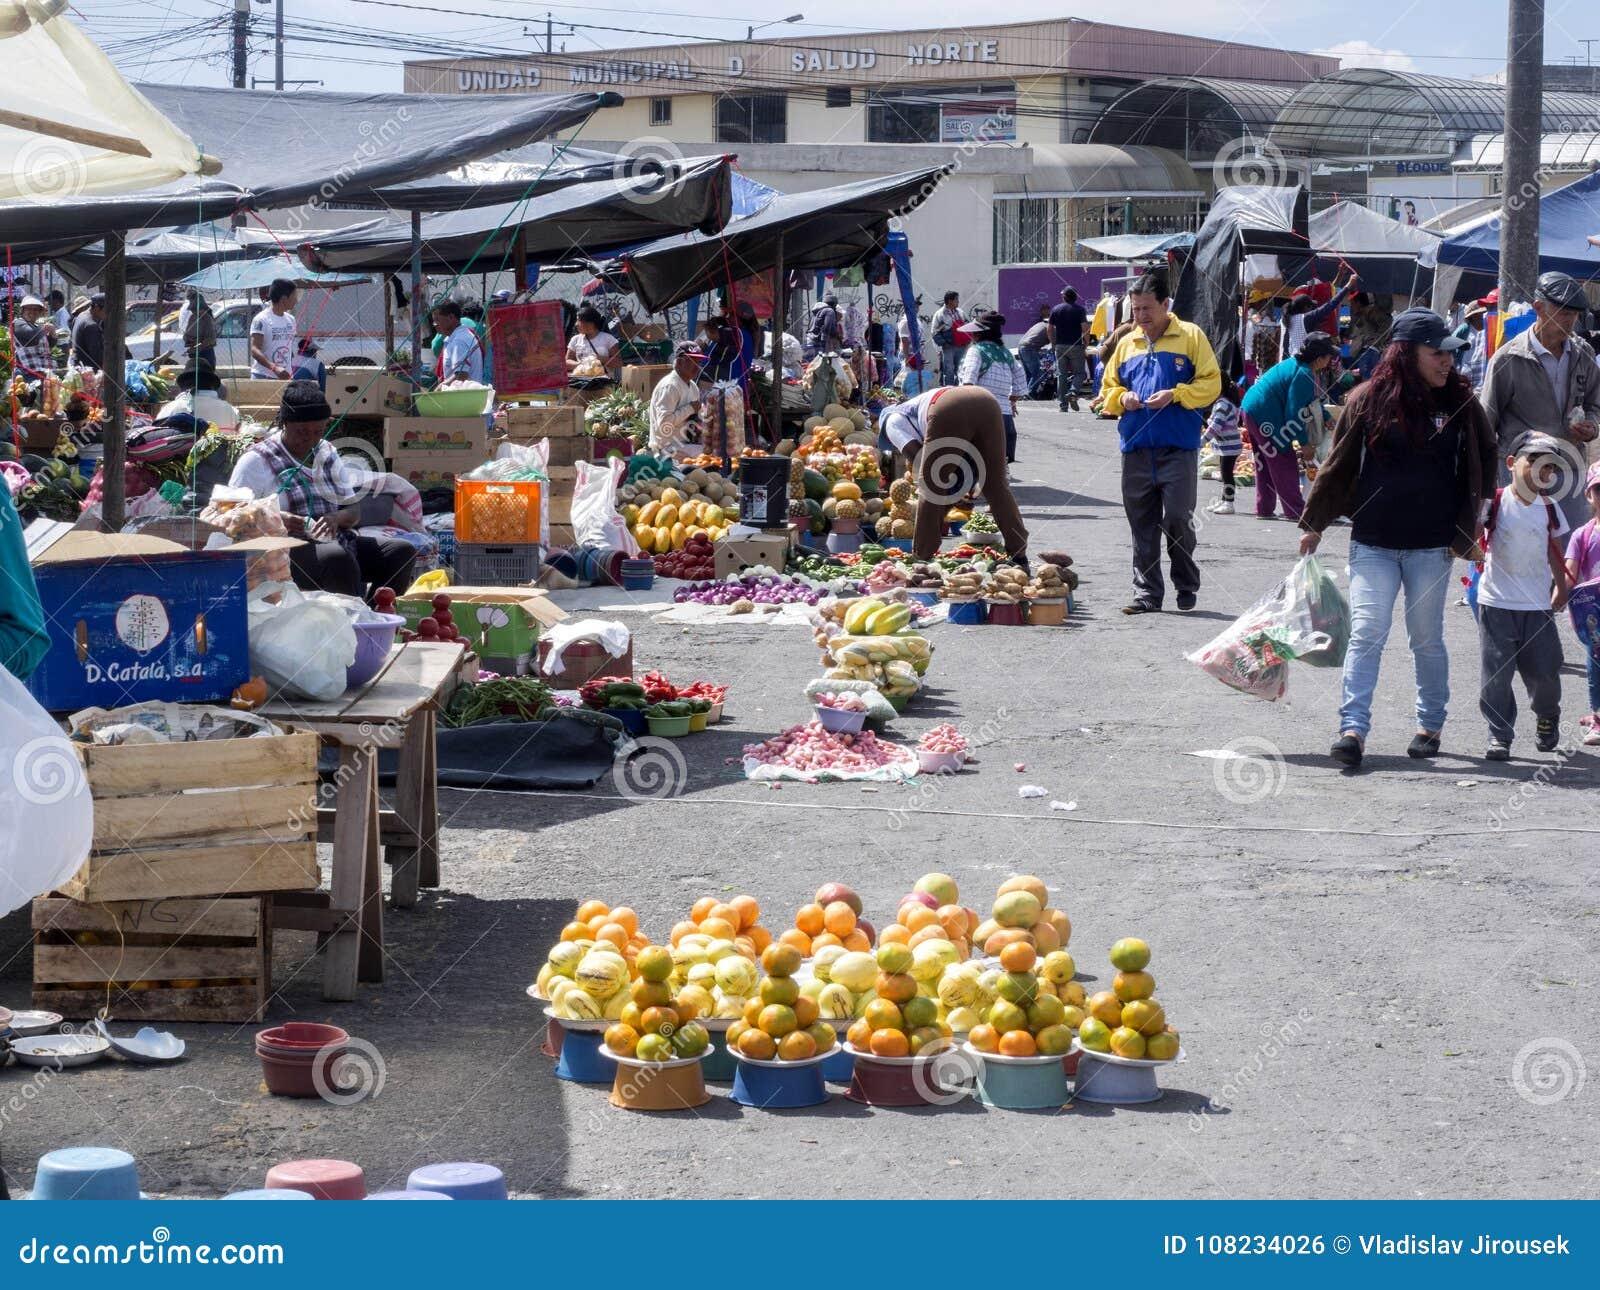 QUITO, EQUADOR - DECEMBER 07 2017, rich offer of fruits, vegetables and meats, Quito marketplace, December 07 2017, Quito, Ecuador